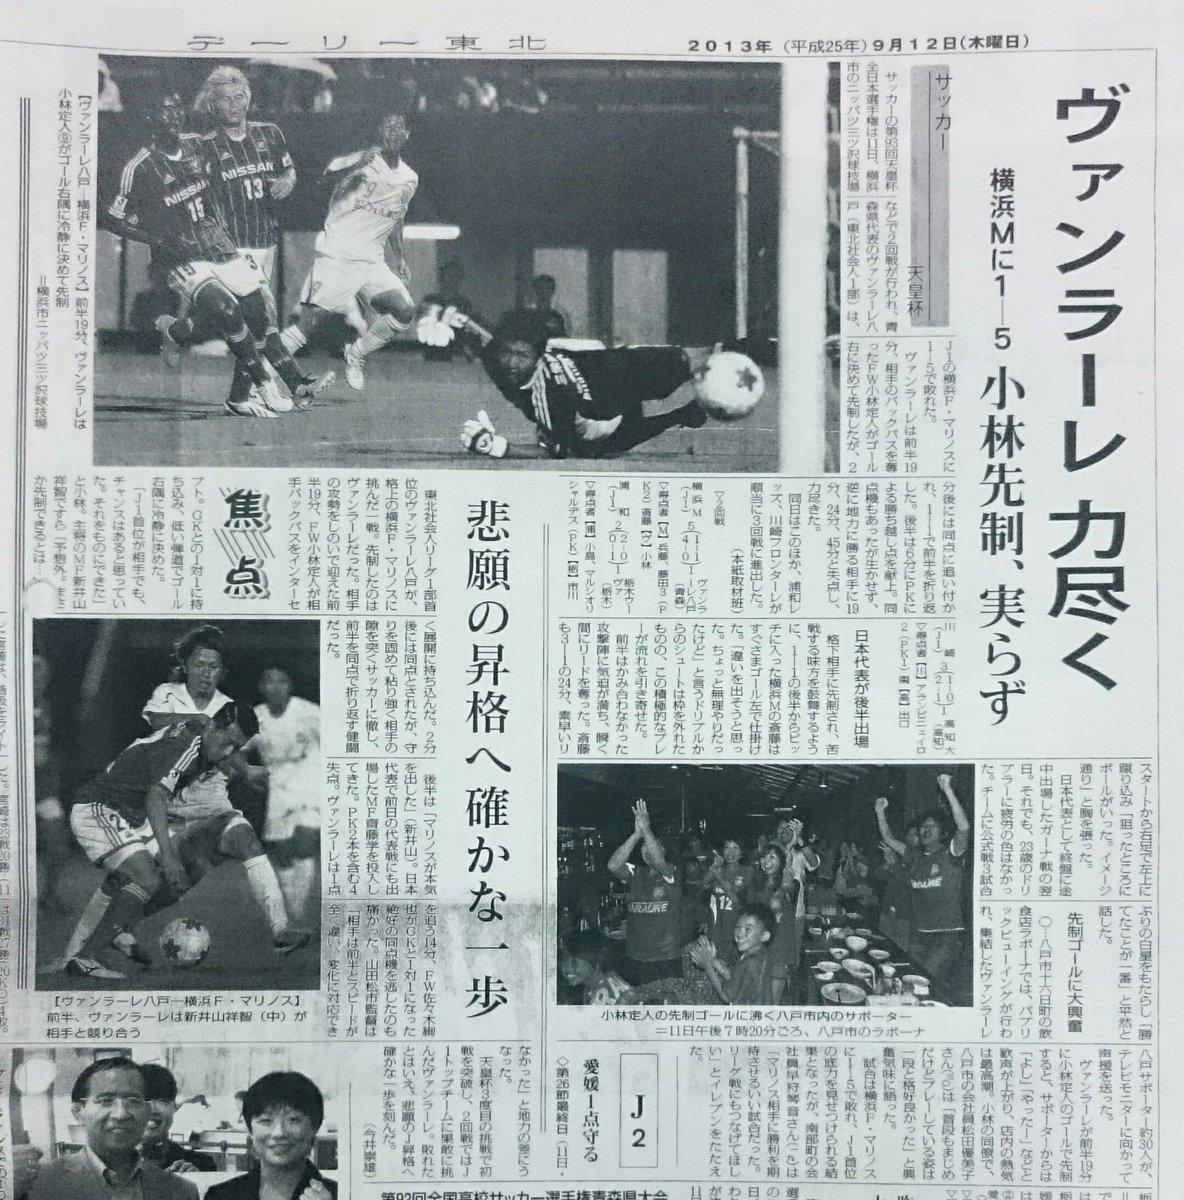 横浜f・マリノス チャント